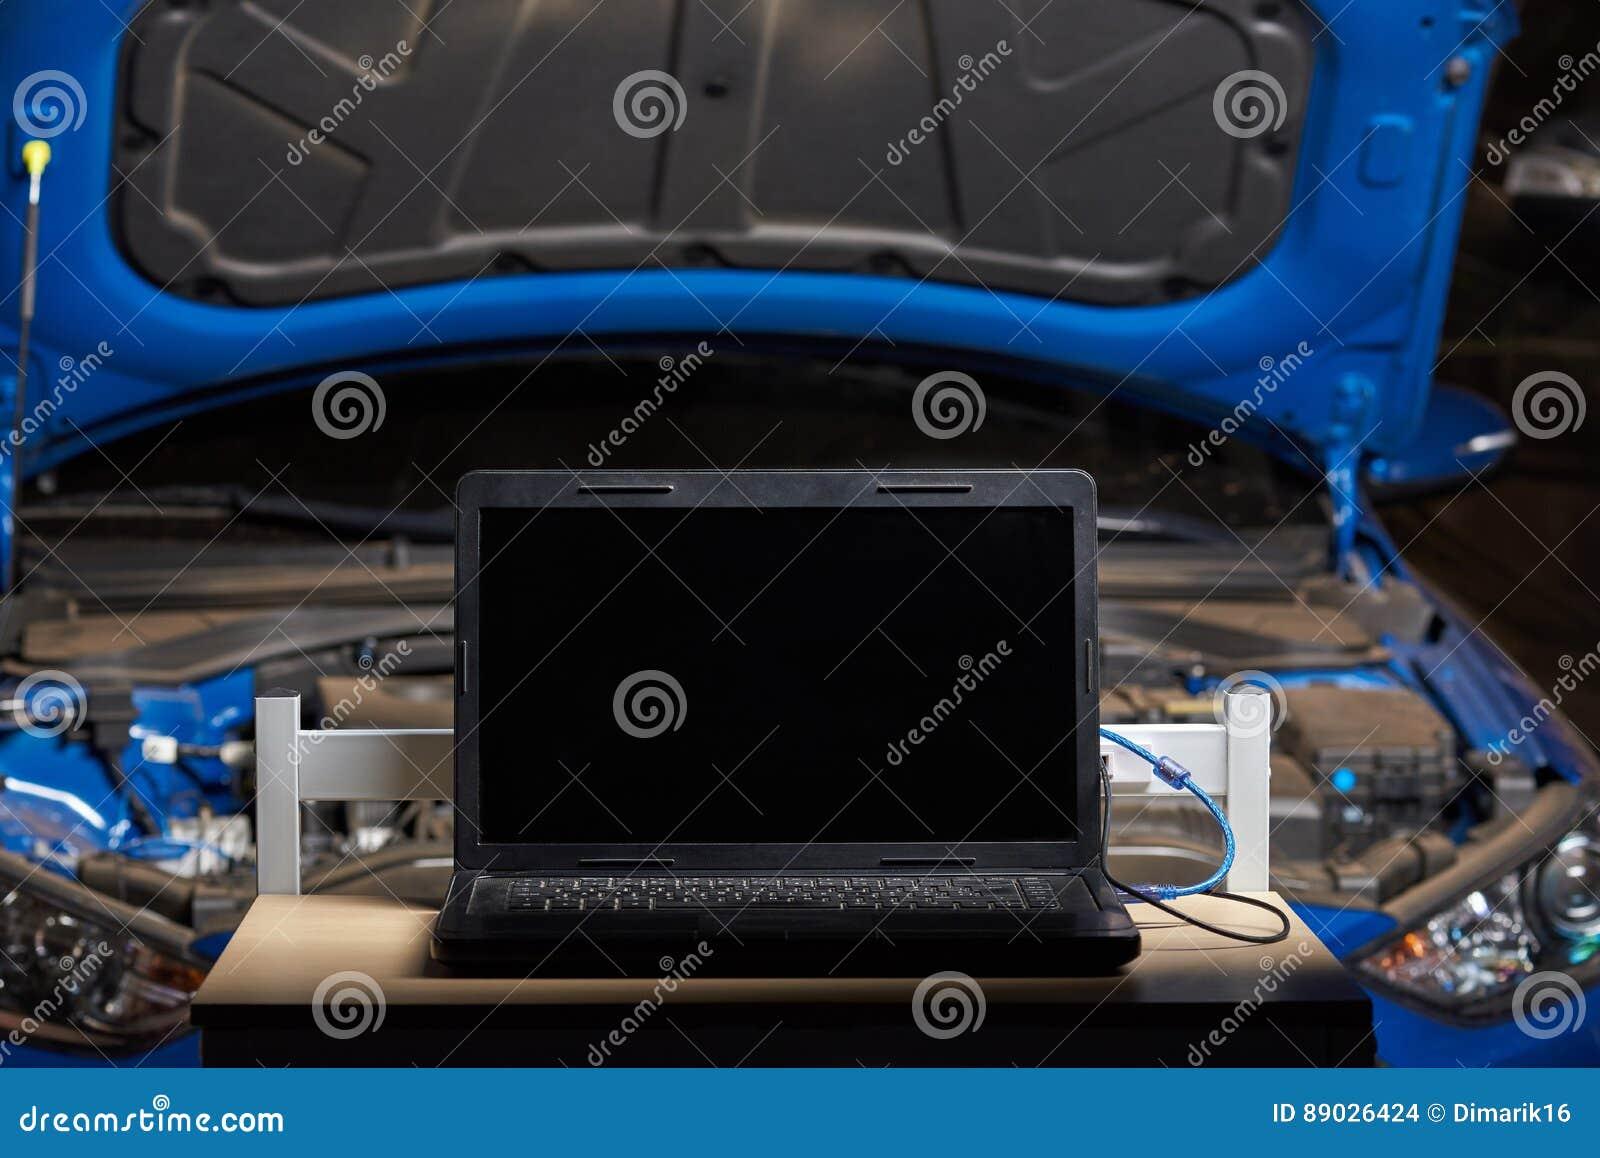 Laptop for computer car diagnostic